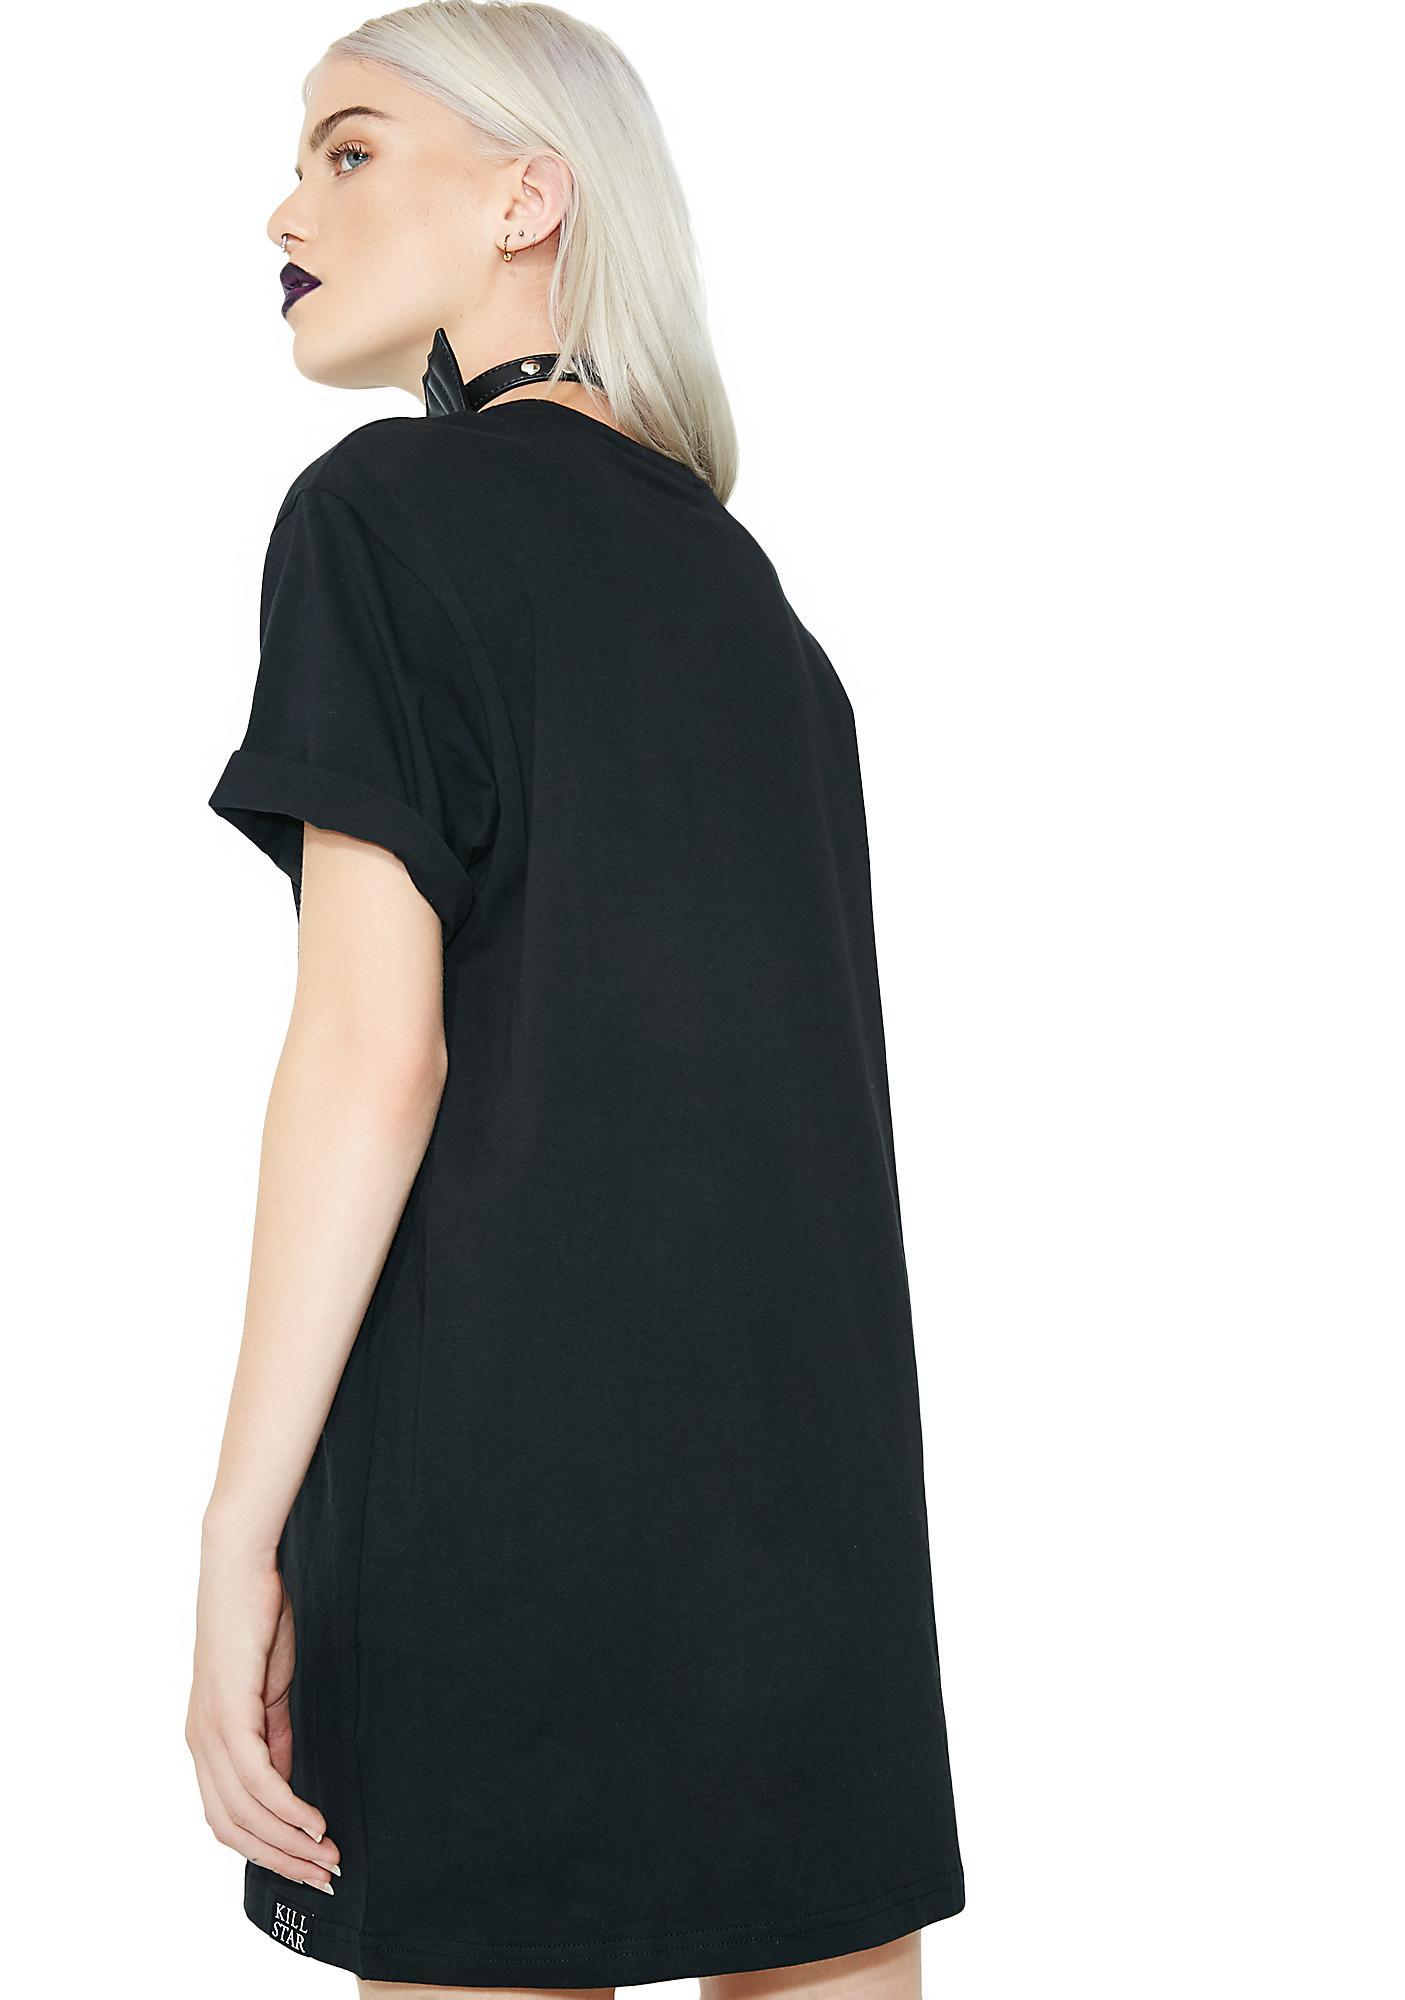 Killstar Minerva T-Shirt